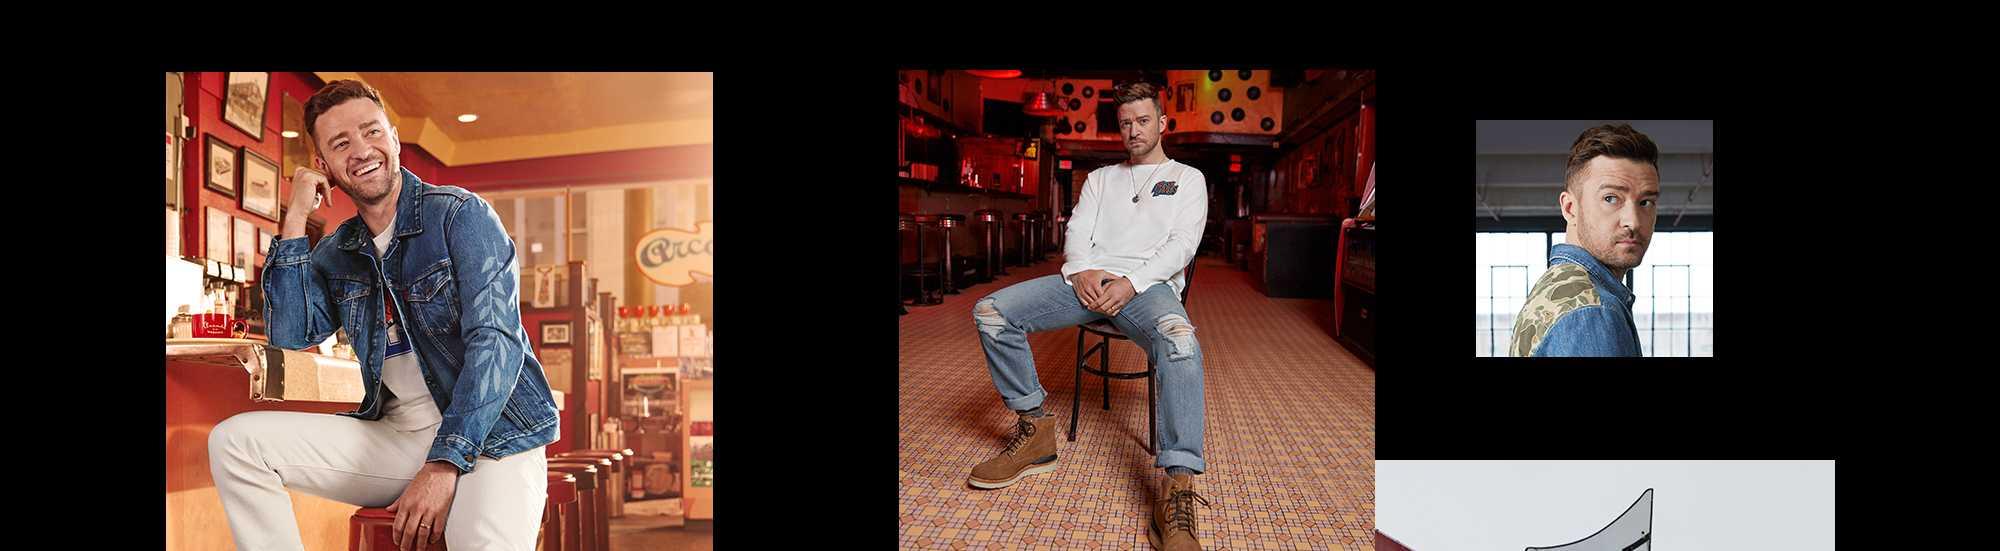 Justin Timberlake - Fresh Leaves